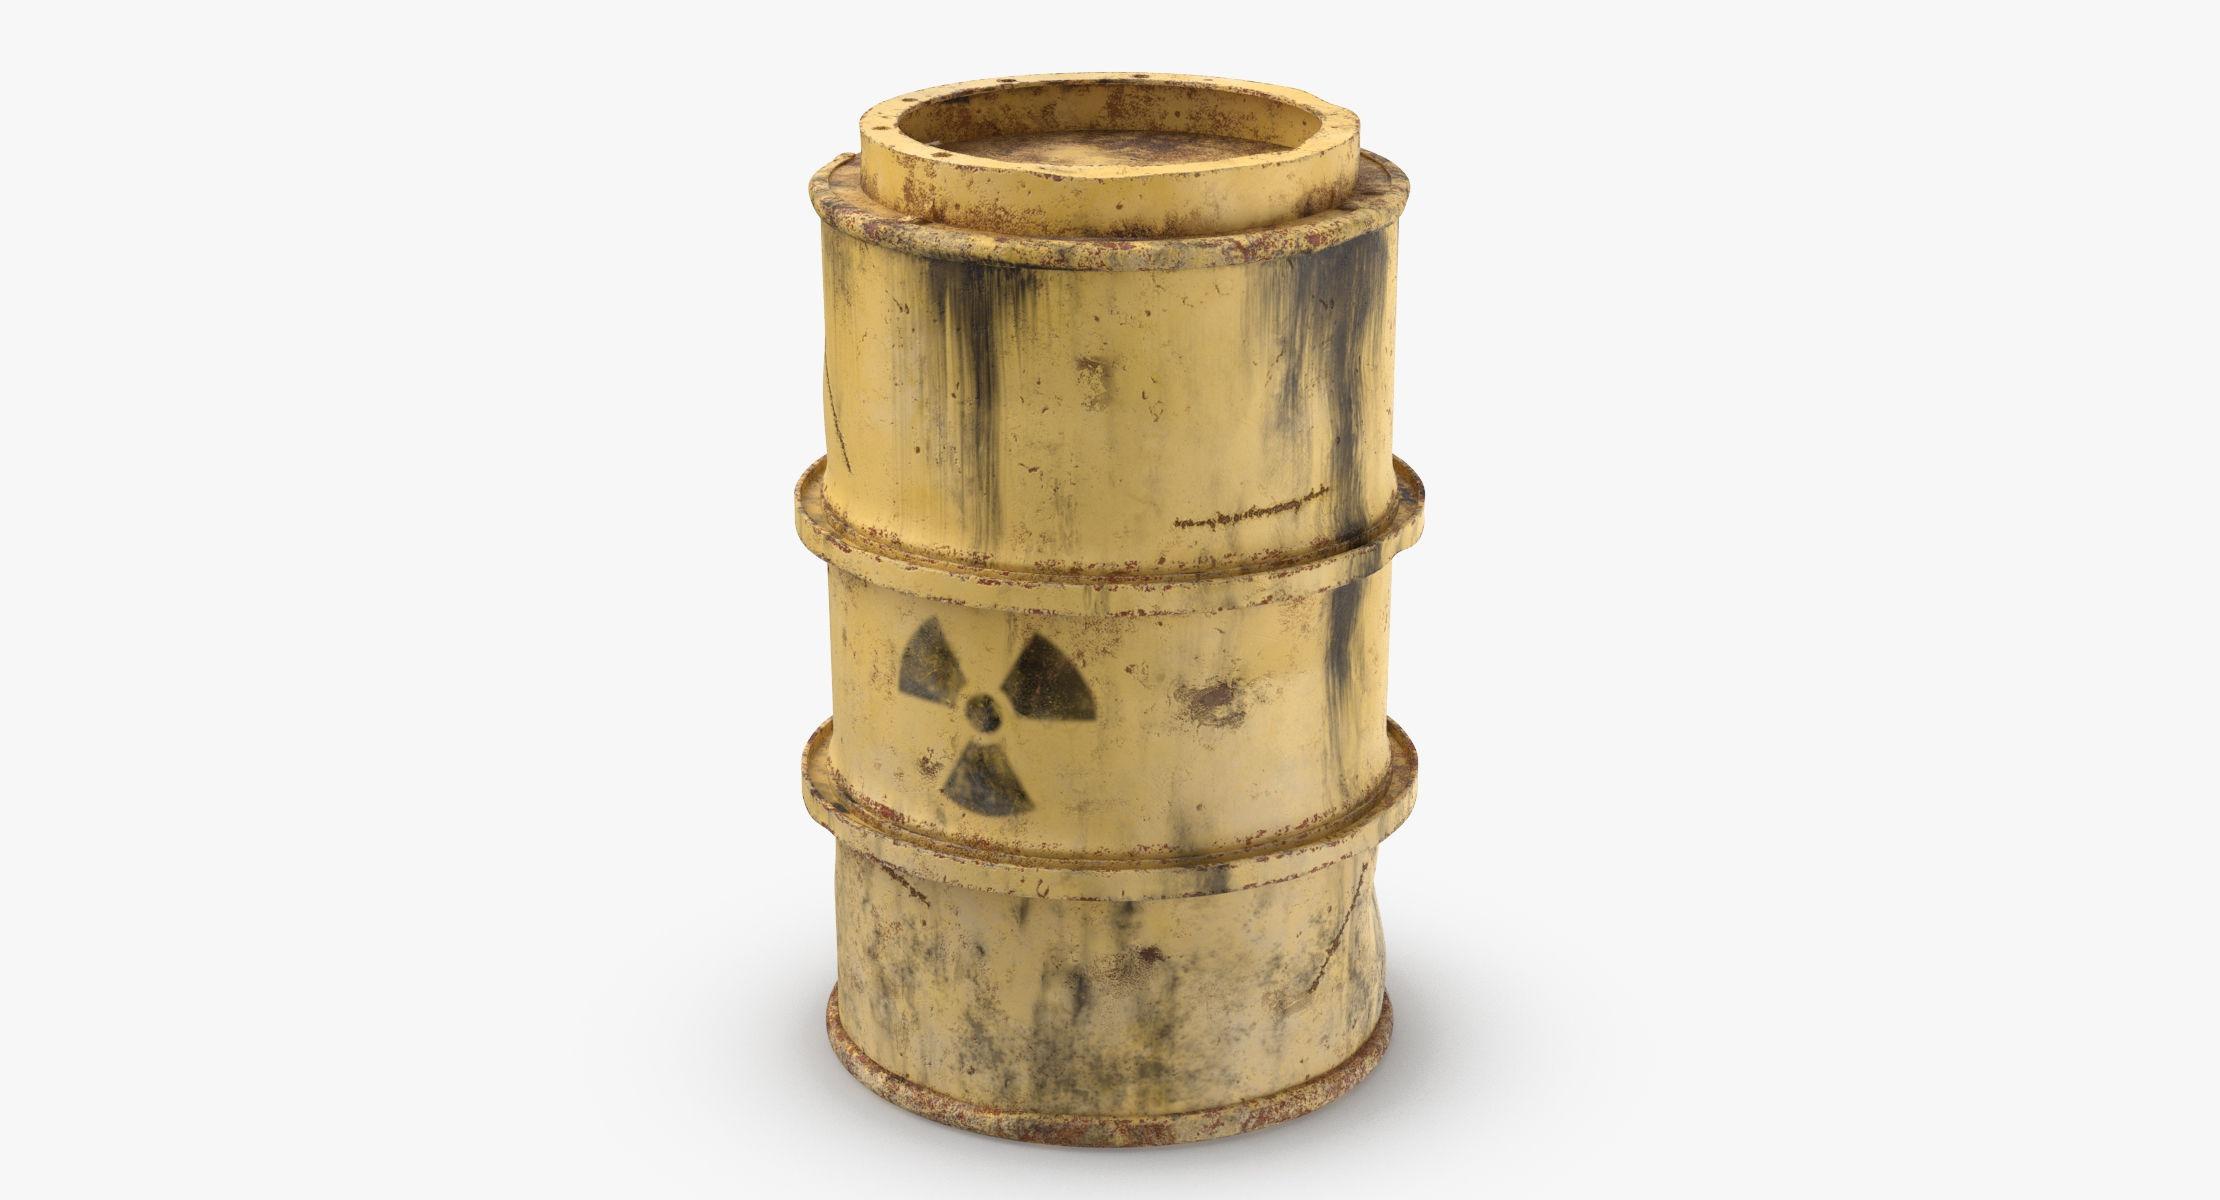 Toxic Waste Drum 02 - reel 1